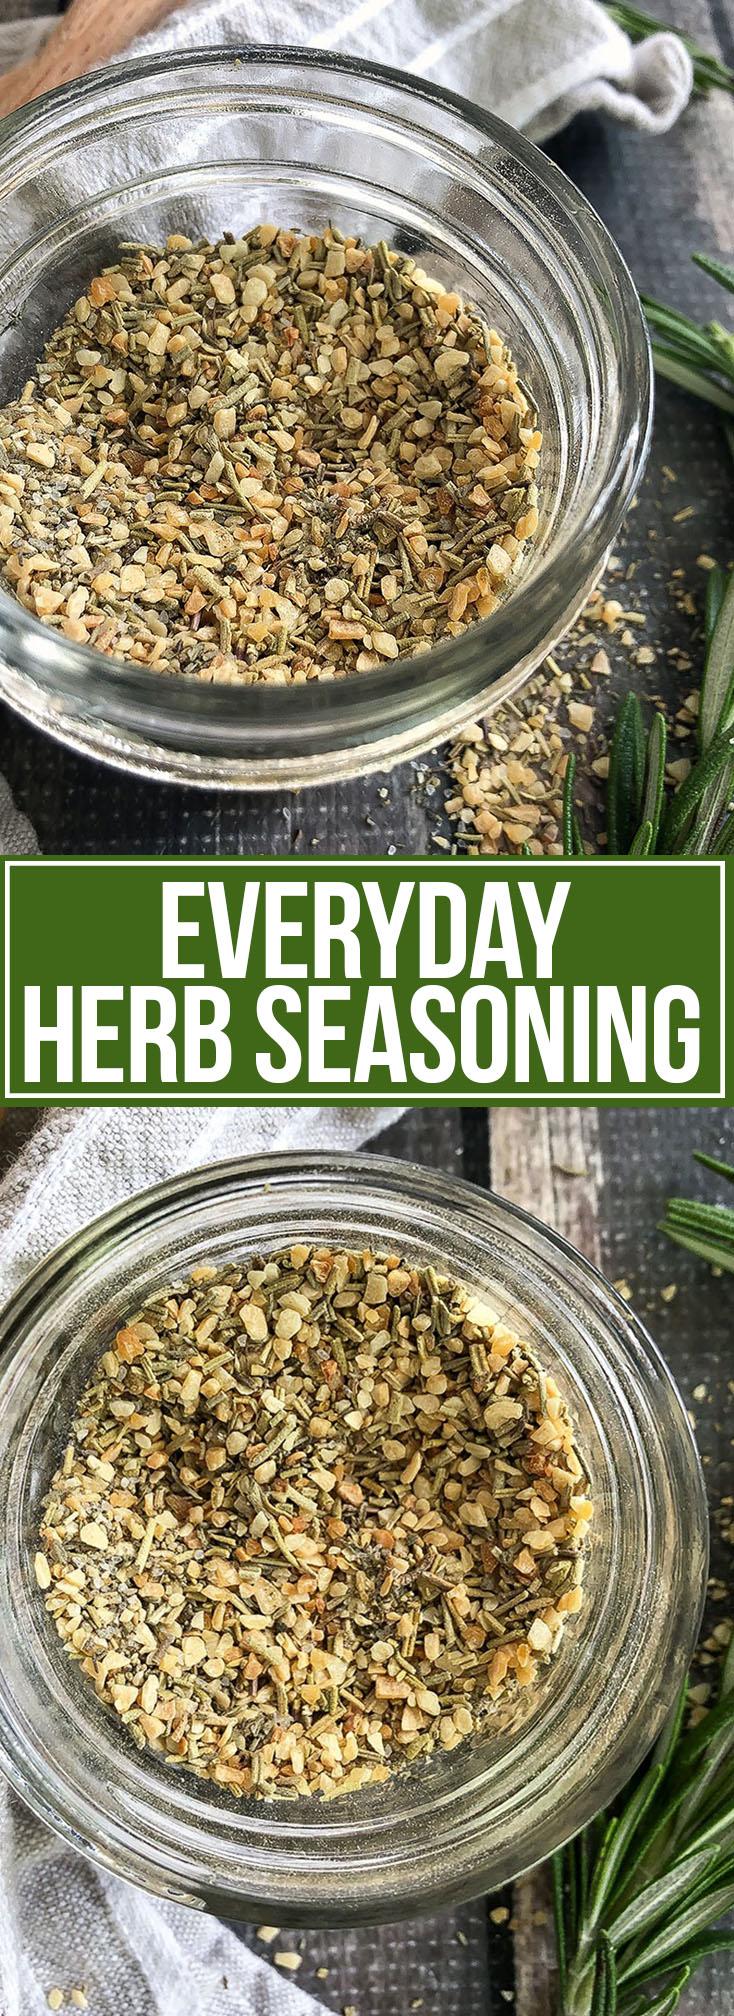 EVERYDAY HERB SEASONING